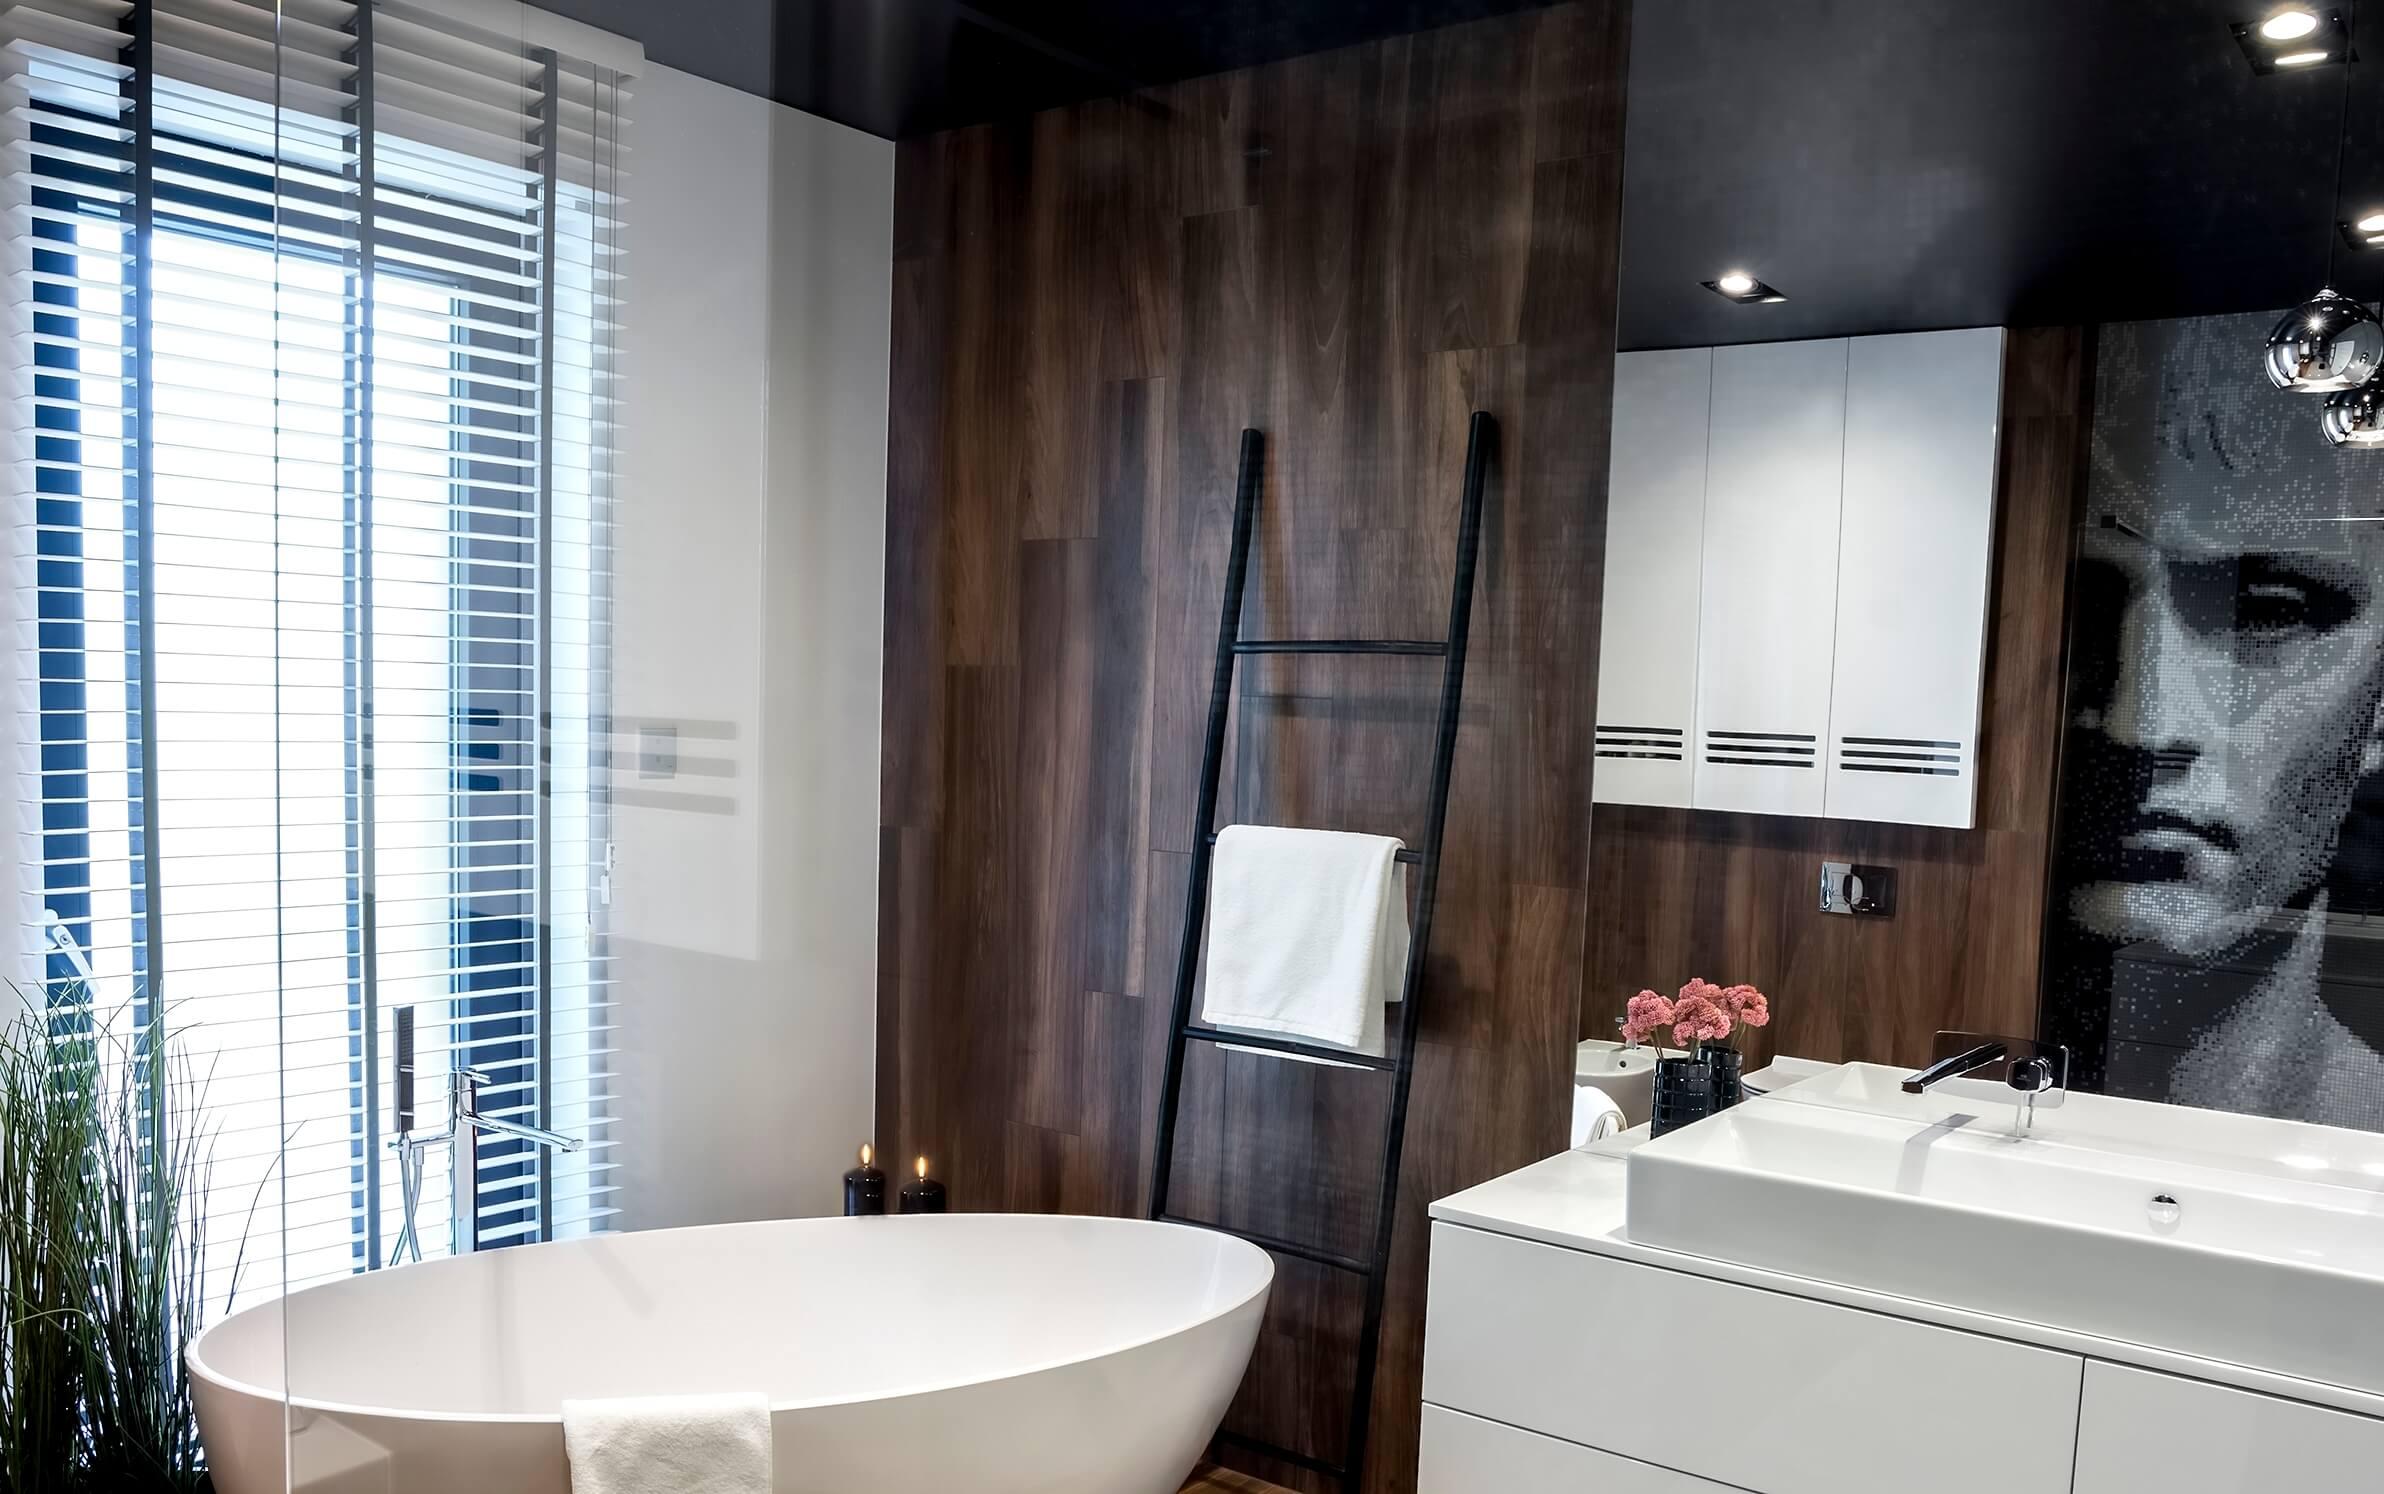 Projekt -aranżacja łazienki-wanna wolnostojąca